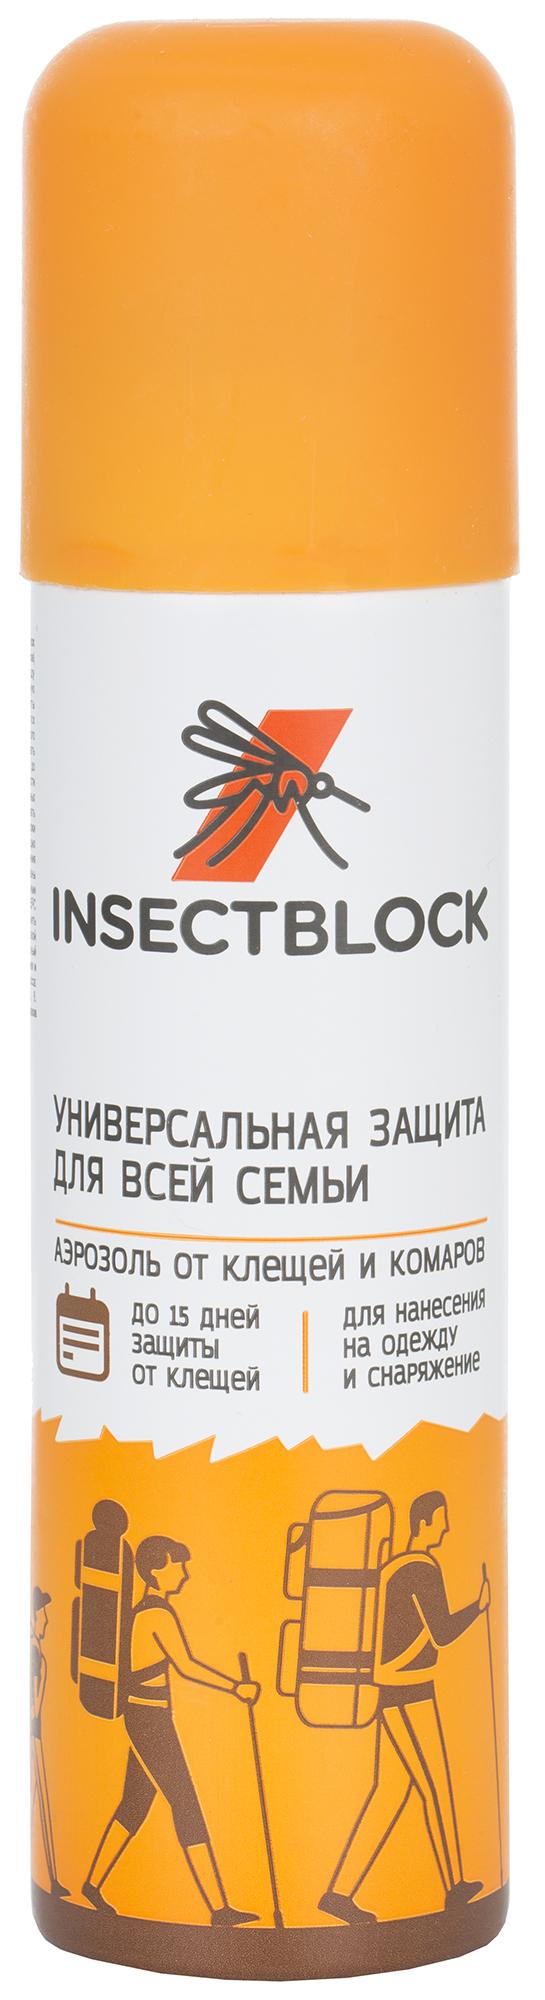 Insectblock Аэрозоль от клещей и комаров